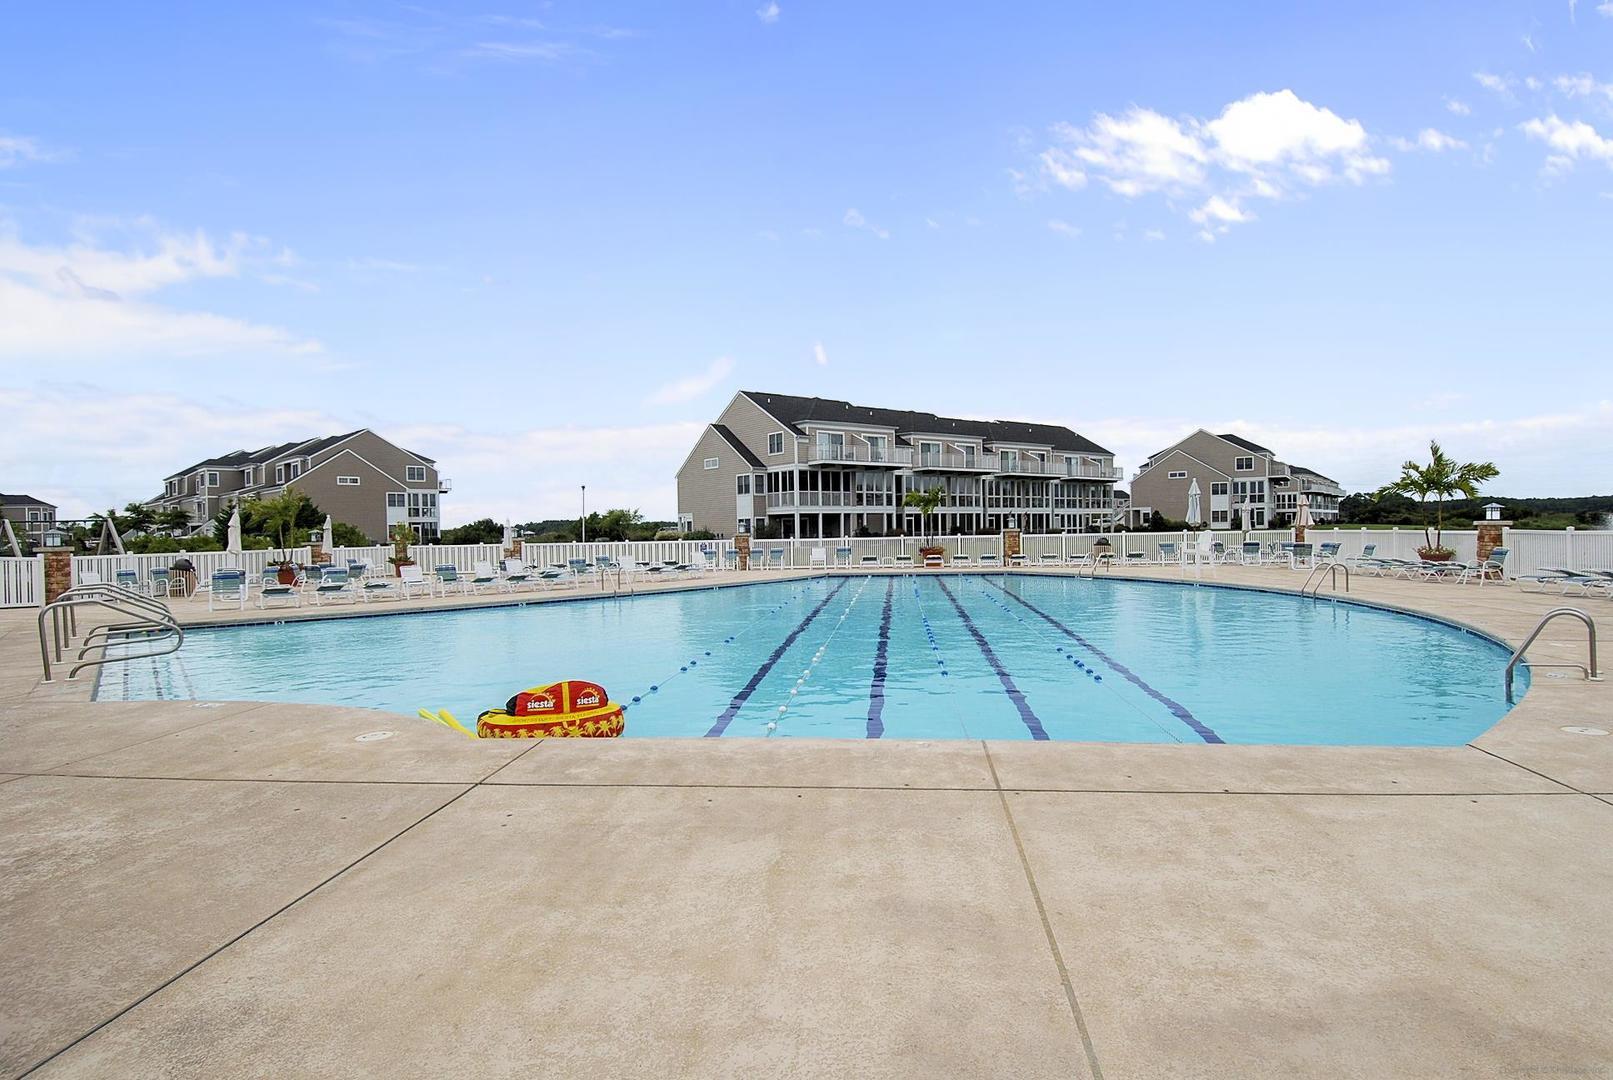 Bayville Shores Outdoor Pool (open seasonally)